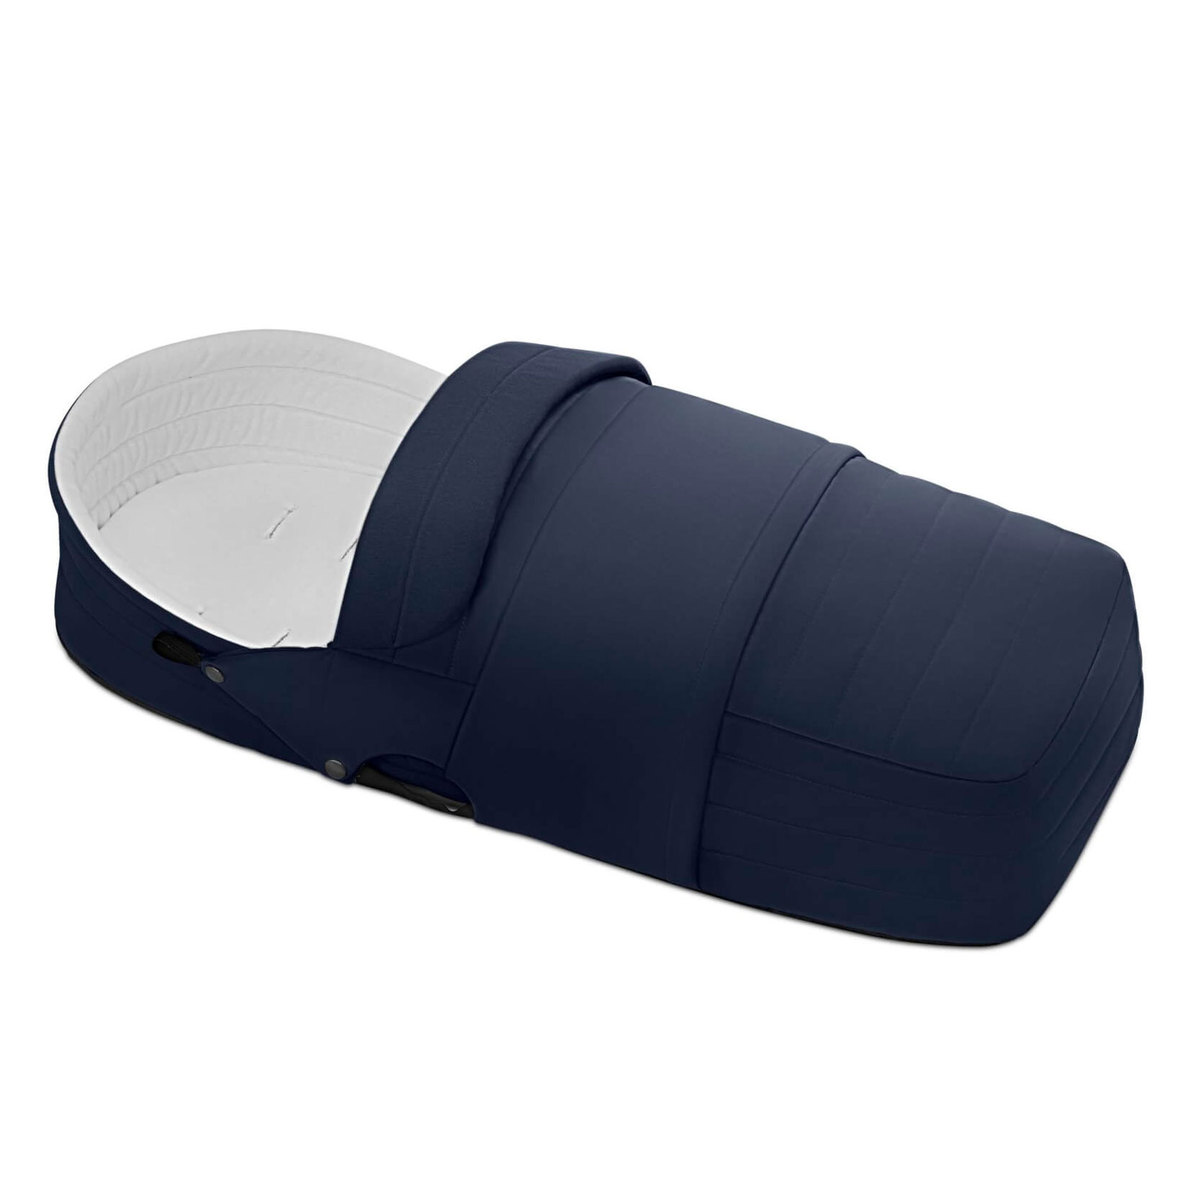 Nacelle Nacelle Légère - Indigo Blue Nacelle Légère - Indigo Blue